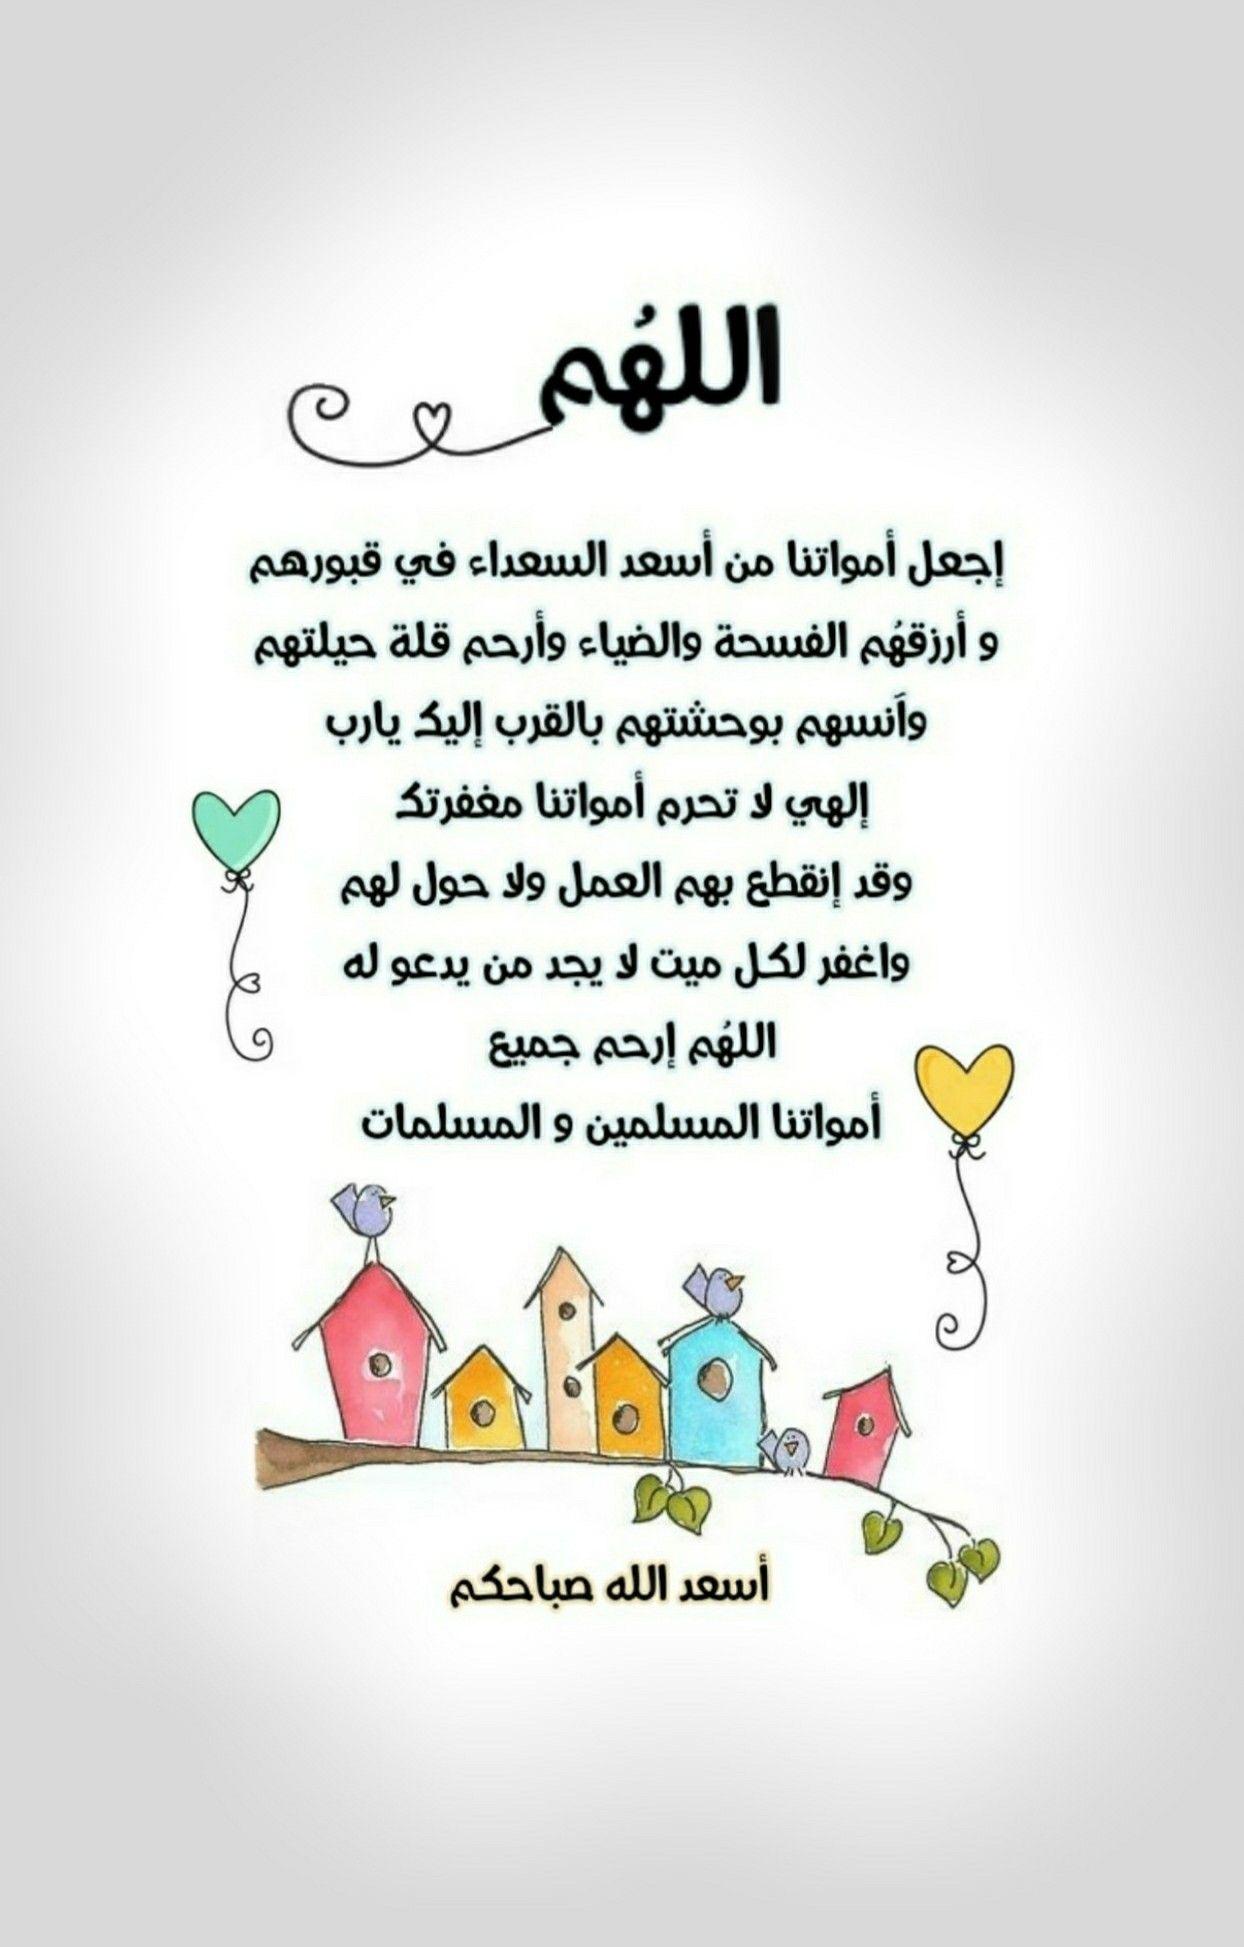 اللهم إجعل أمواتنا من أسعد السعداء في قبورهم وأرزقهم